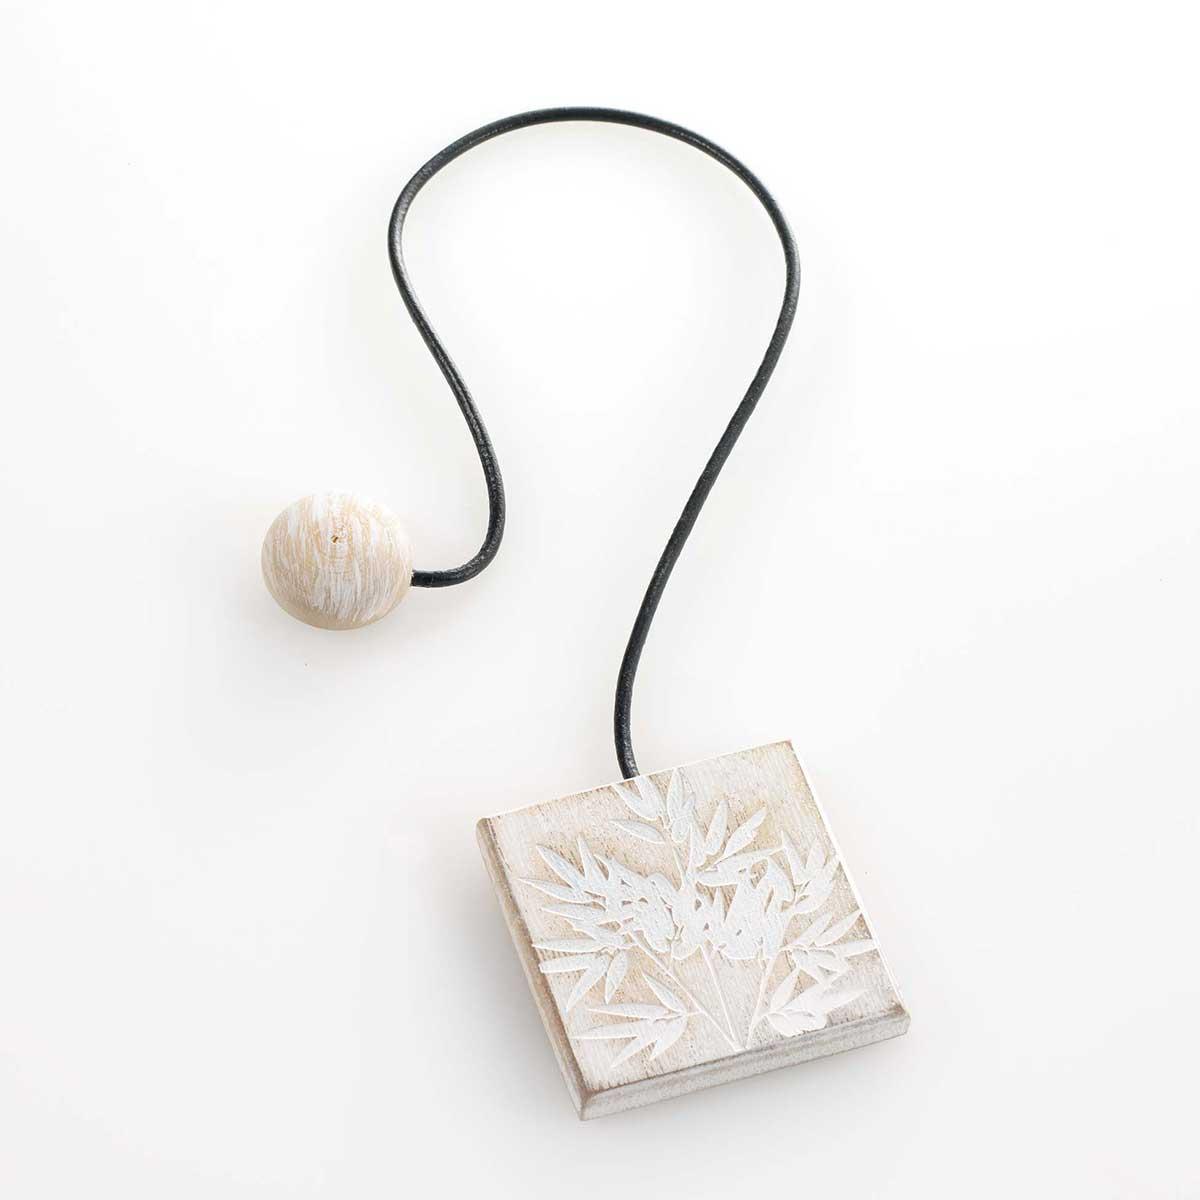 Embrasse aimantée carrée en fibres de bois forêt - Blanc - 43 x 6 x 6 cm